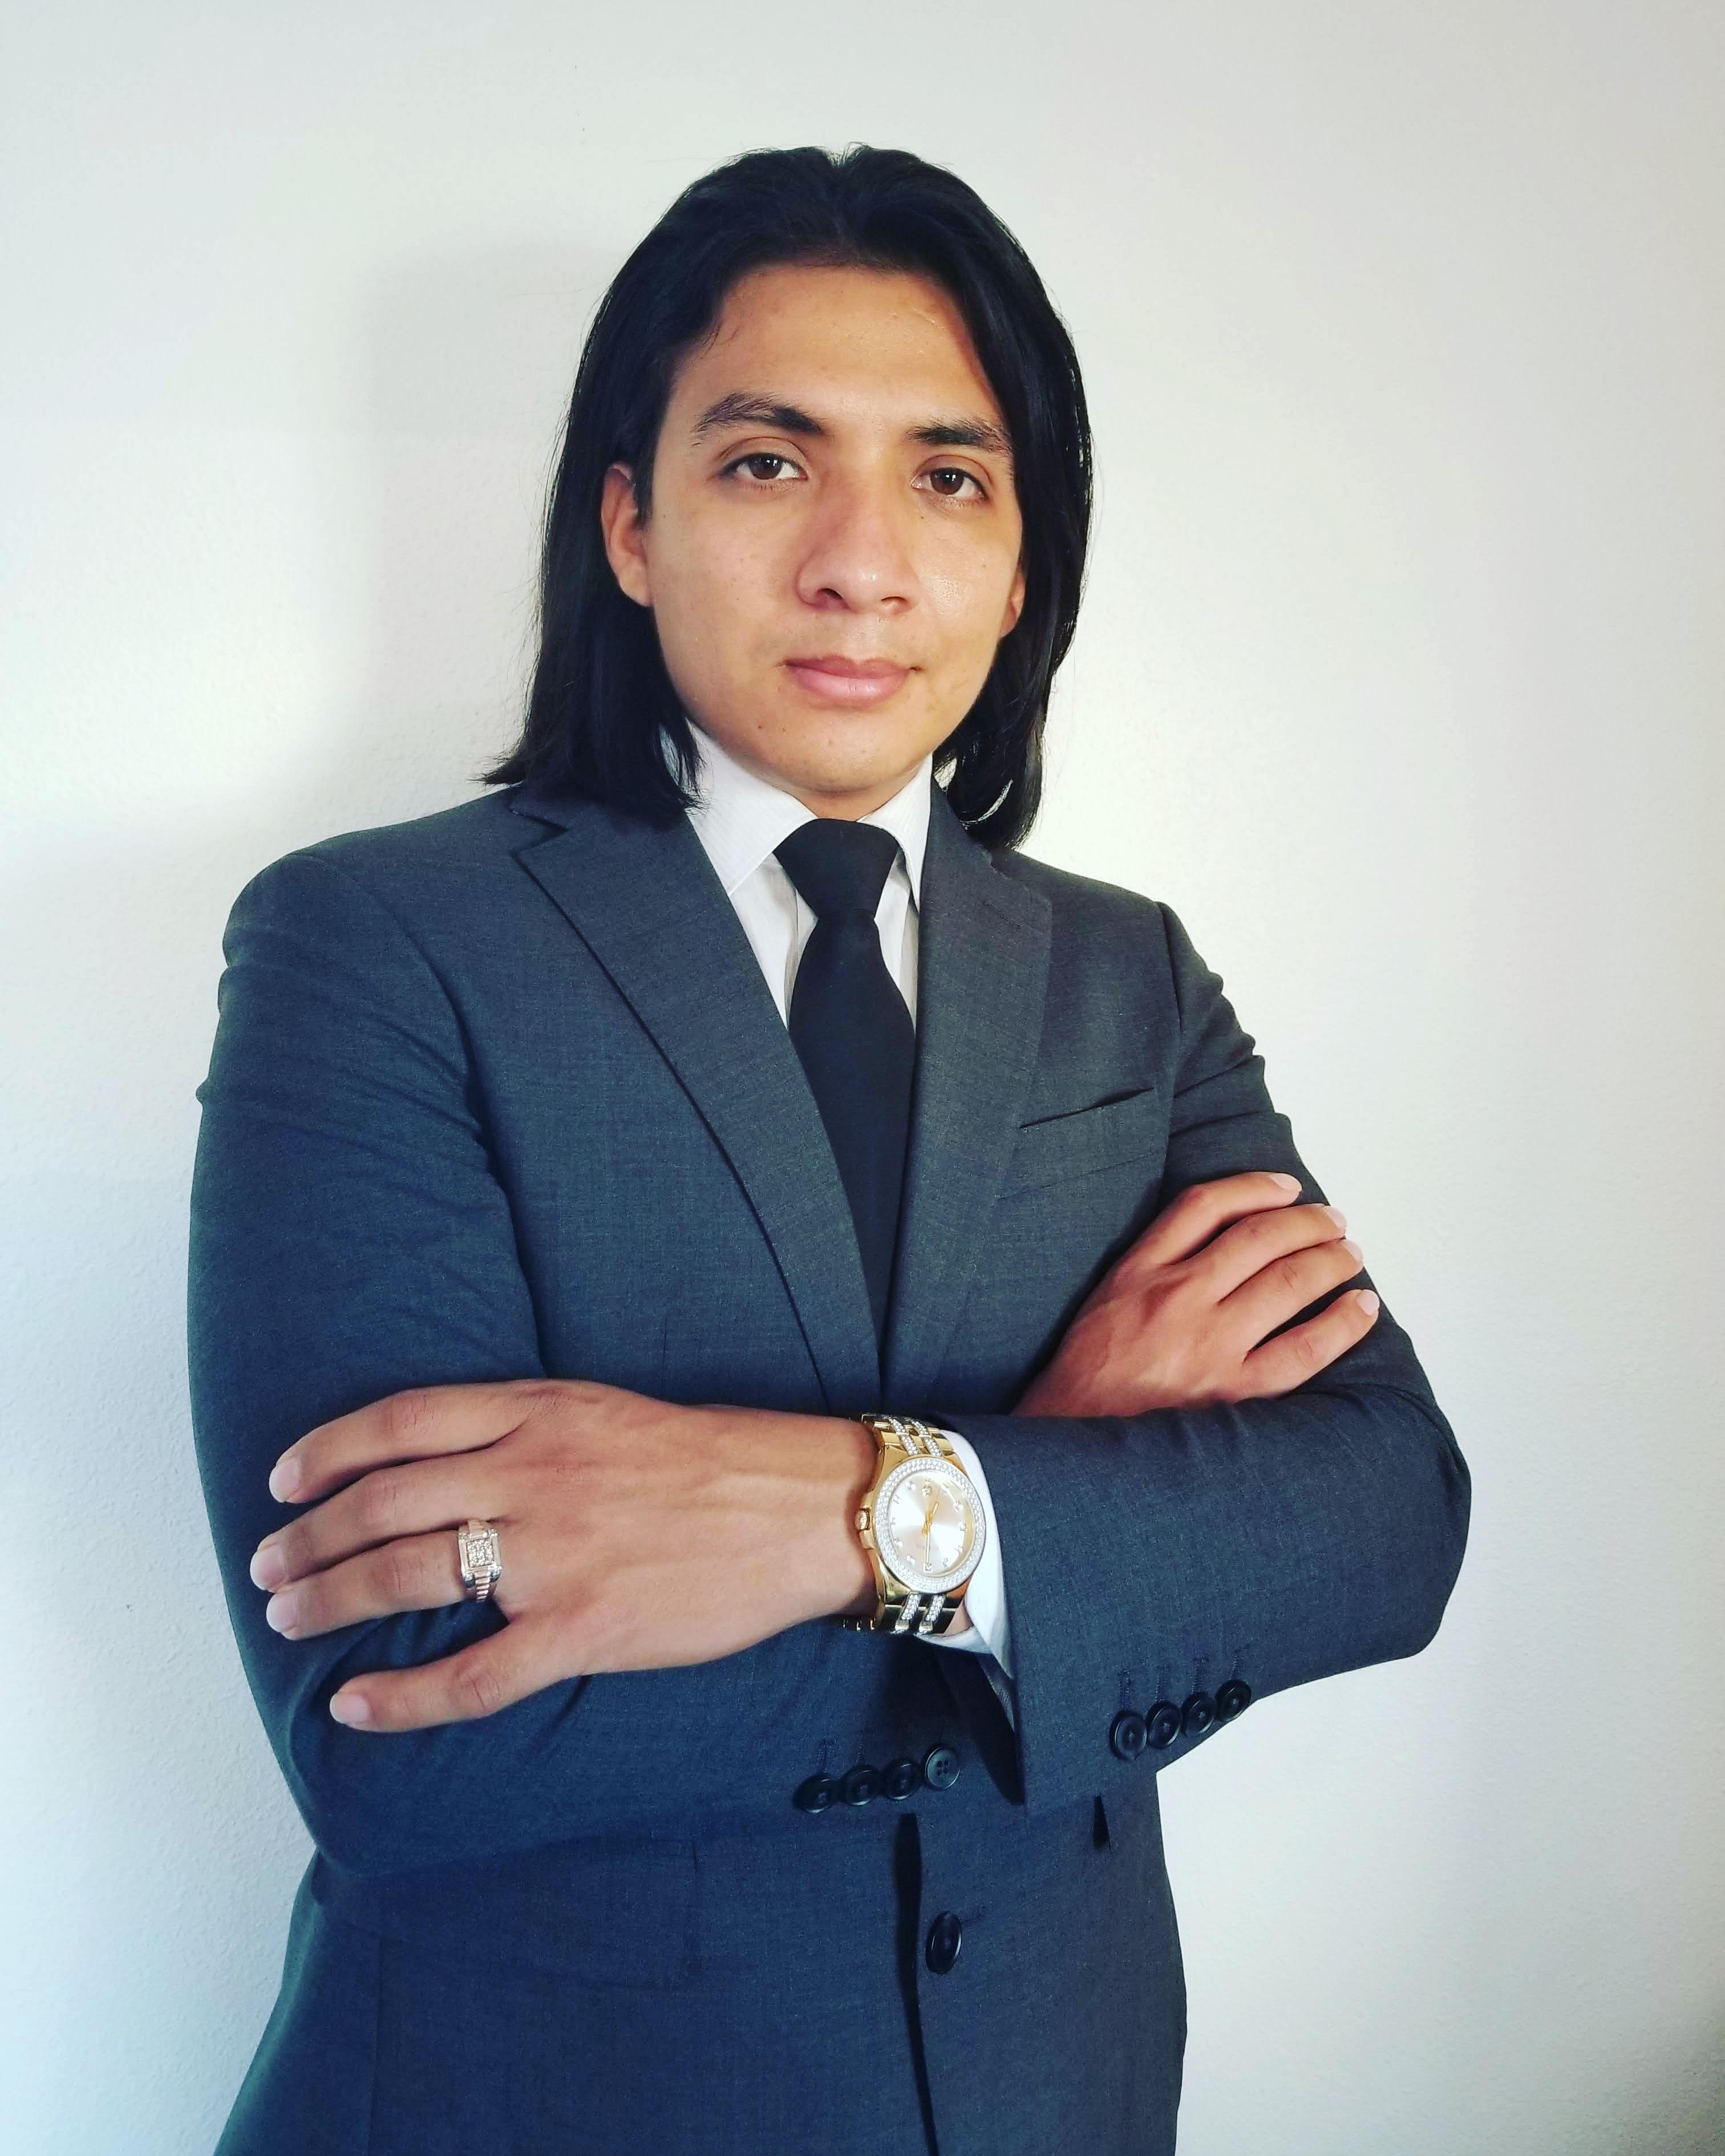 CARLOS DAVID GOMEZ SERRANO  Insurance Agent